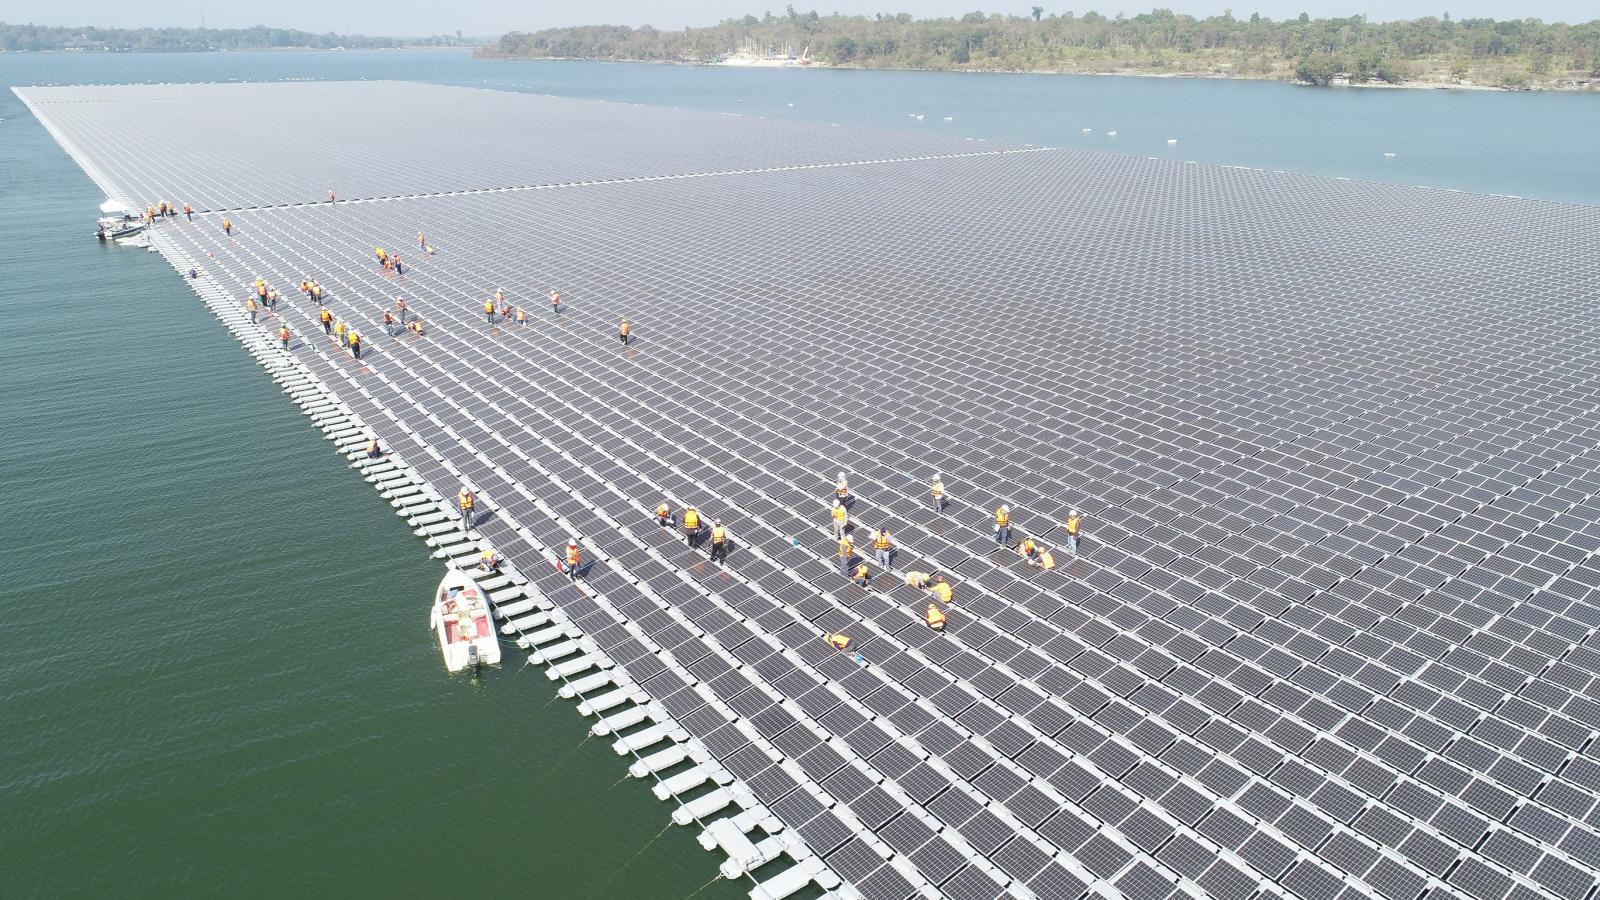 รู้จักโซลาร์ลอยน้ำไฮบริดที่ใหญ่ที่สุดในโลกเตรียมจ่ายไฟต.ค.นี้